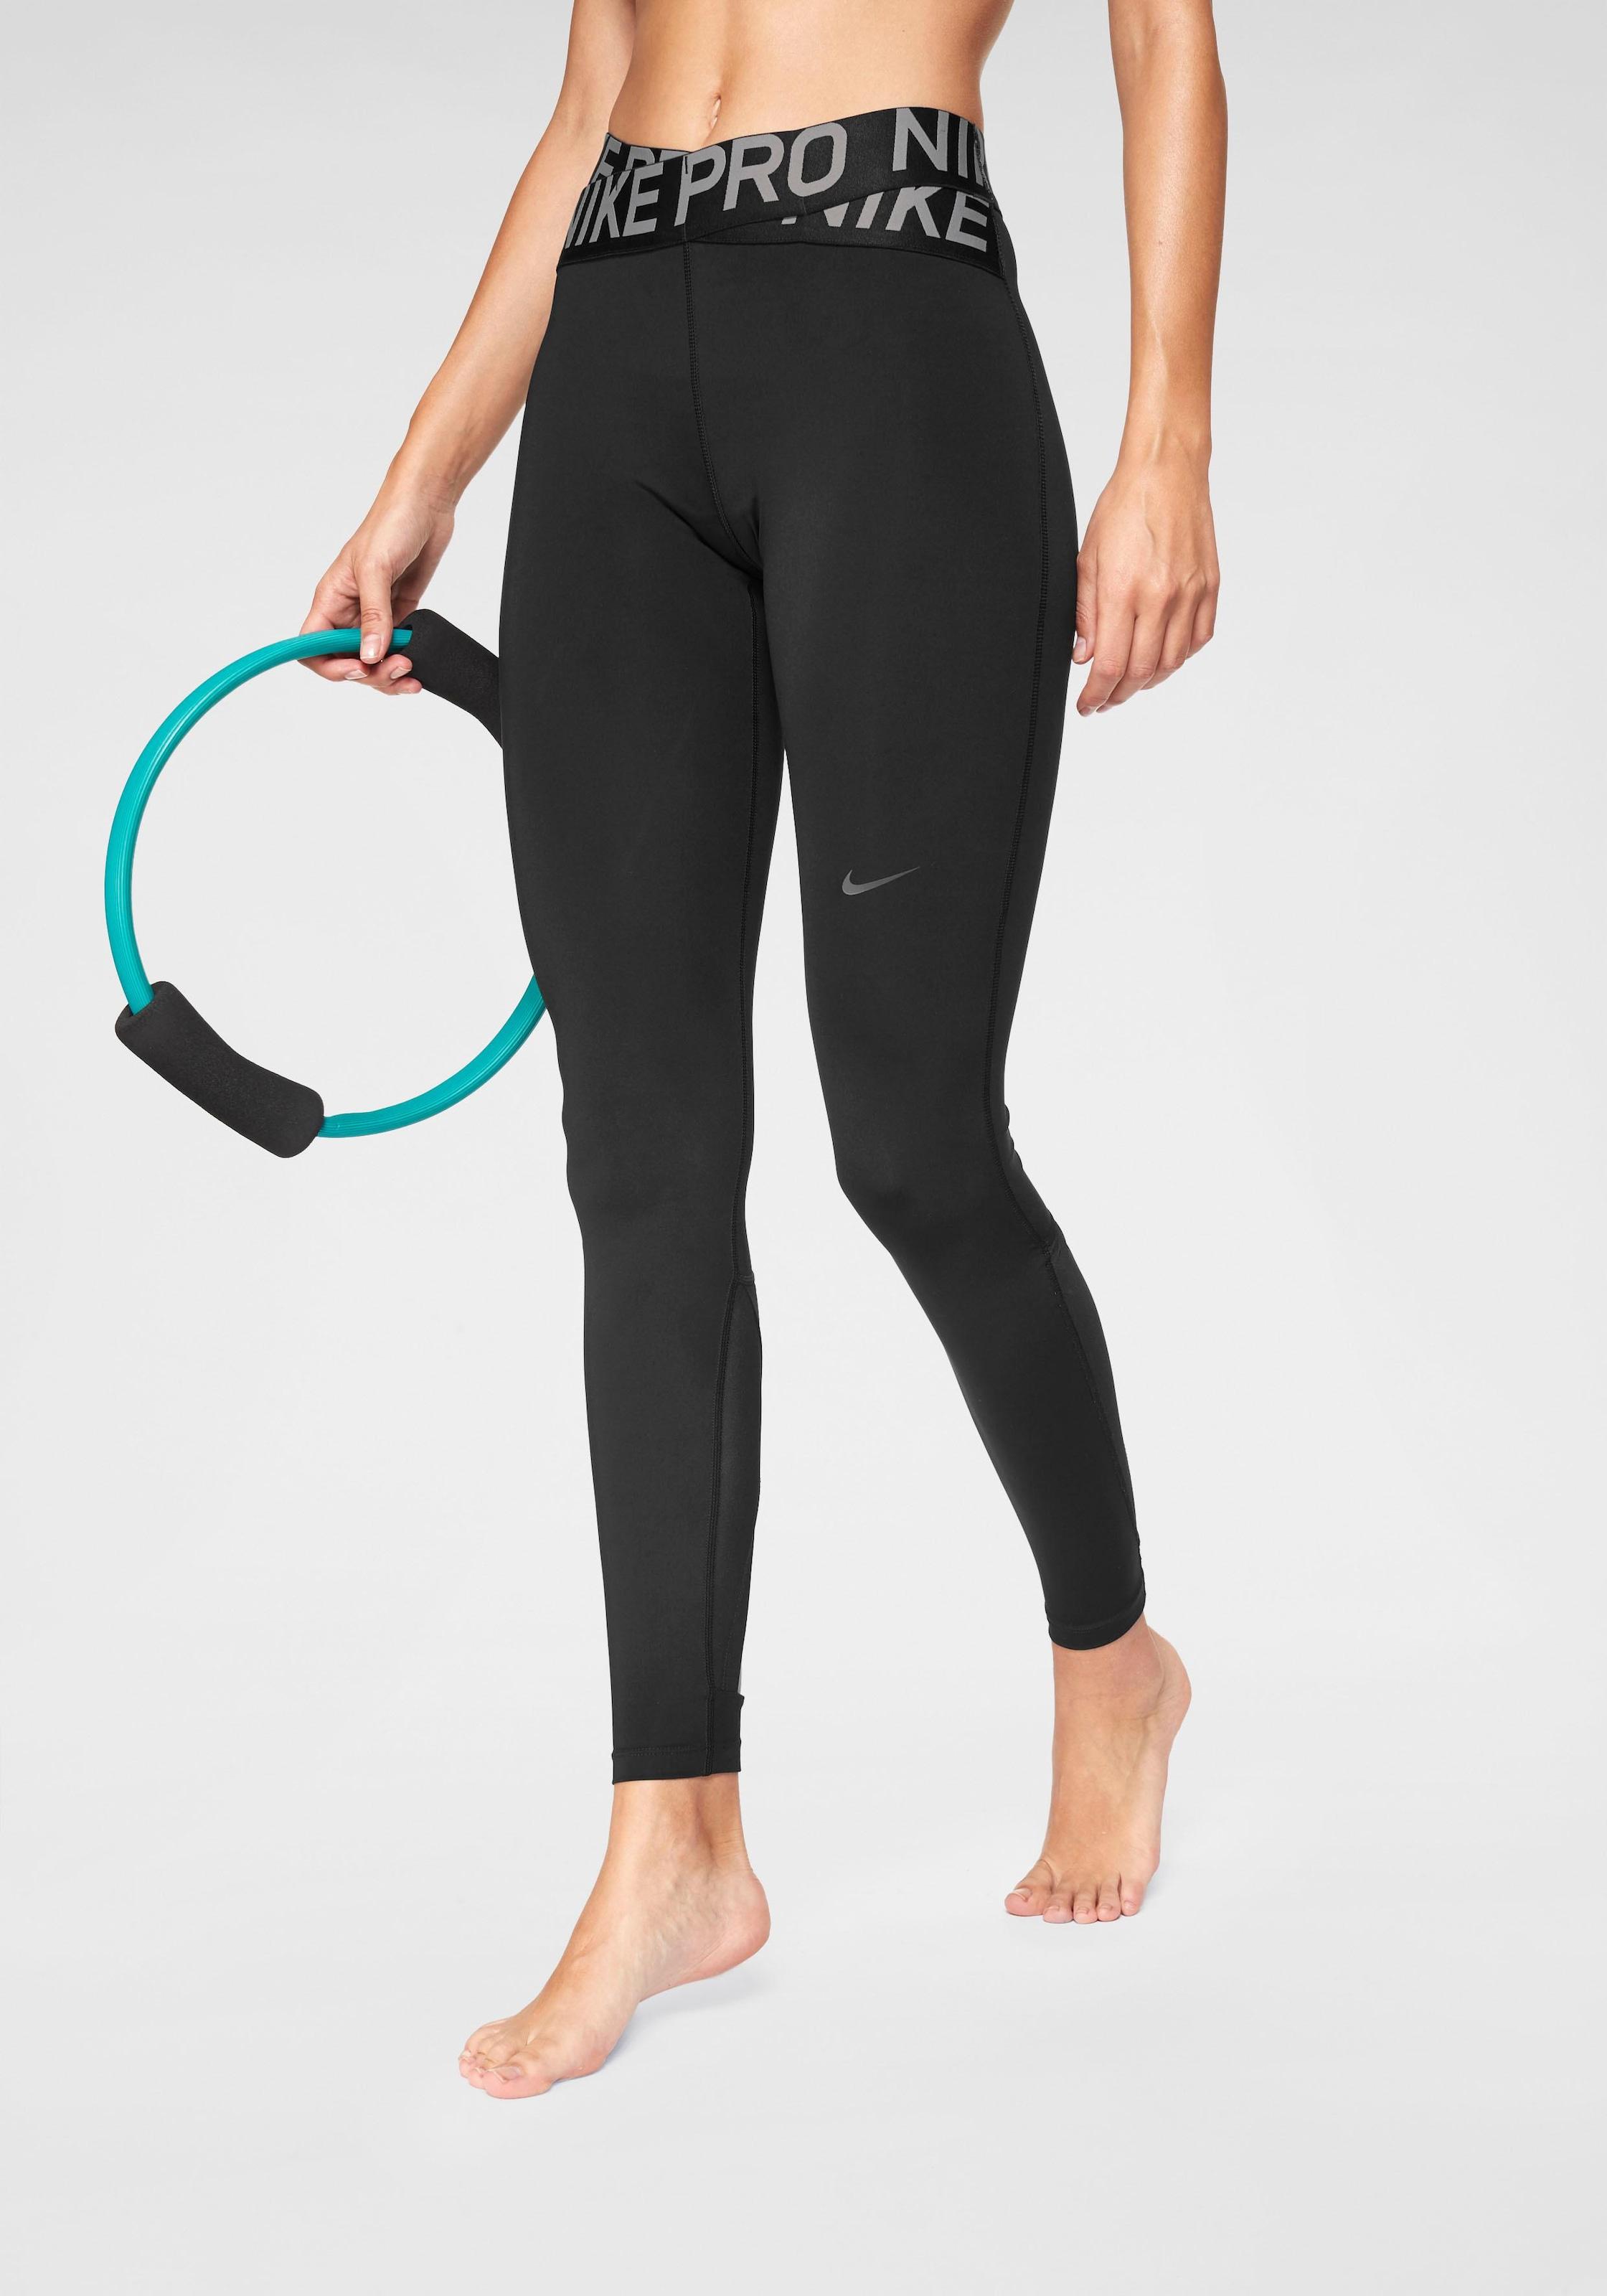 sporthose kurz damen nike,otto online shop gmbh,designer für